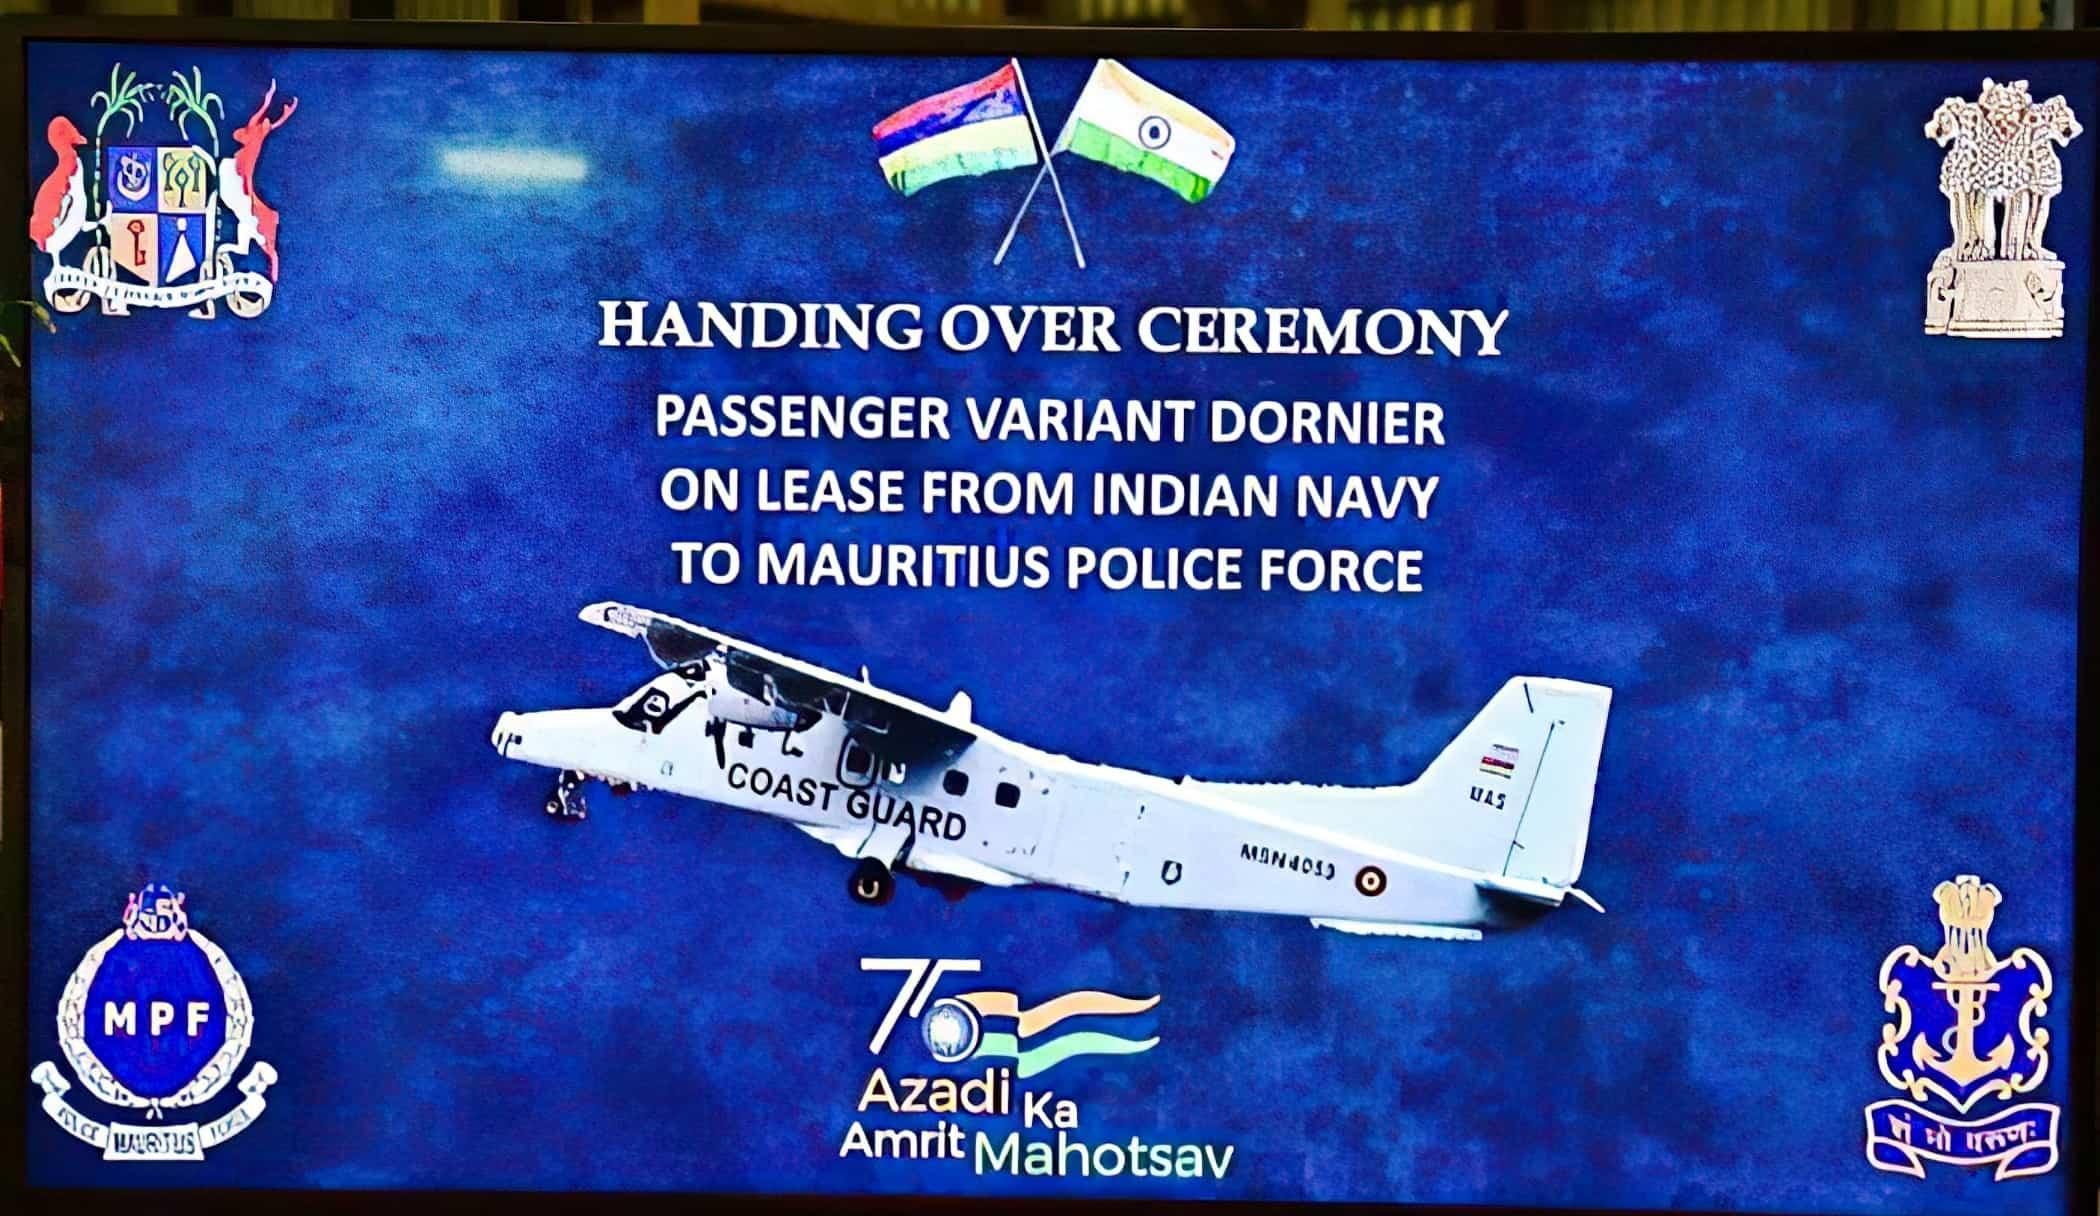 Фото з церемонії передачі літака Маврикії. Вересень 2021. Фото: ВМС Індії